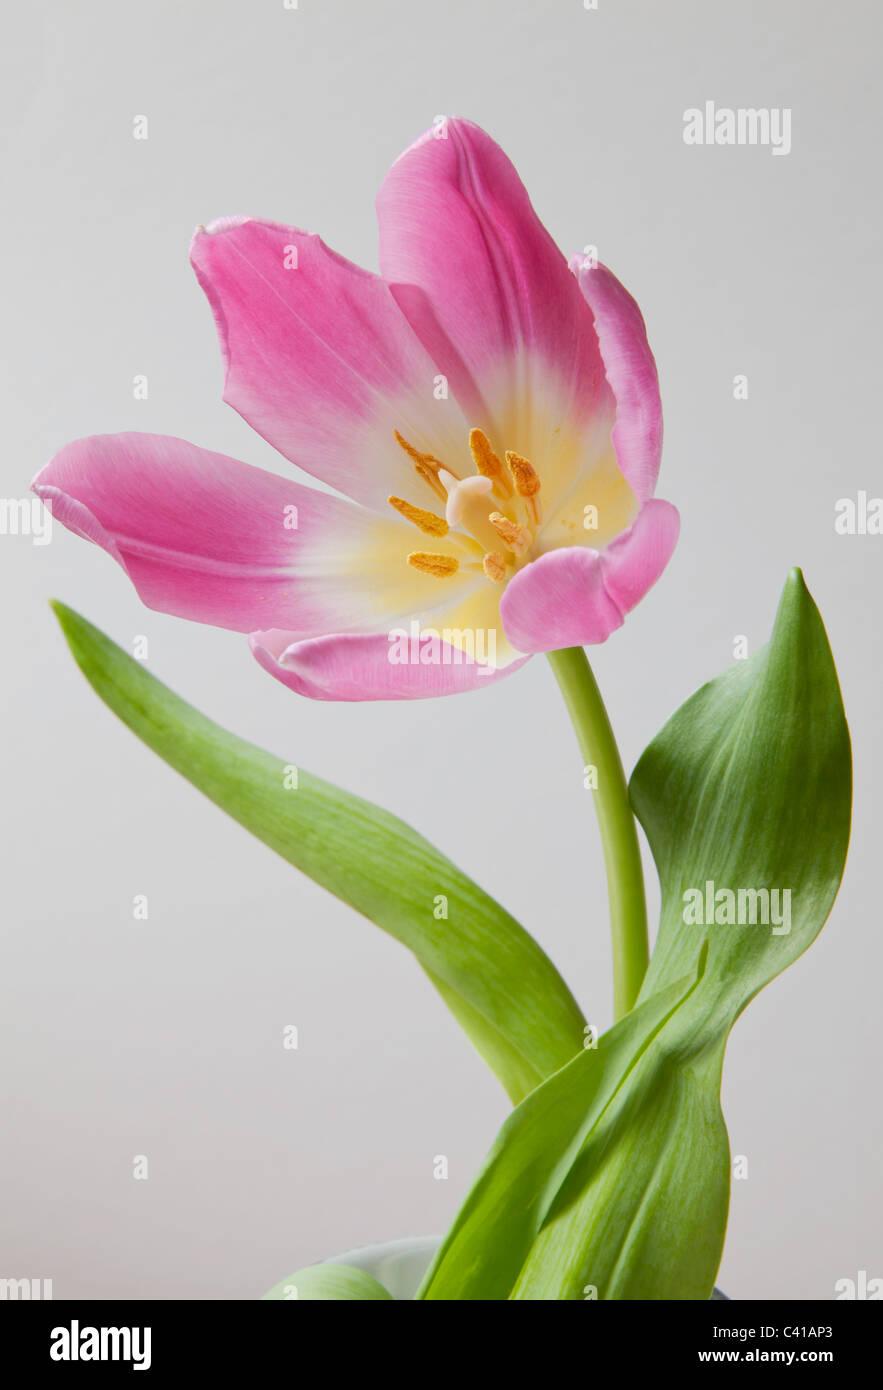 Close-up de pink tulip cabeza con pétalos abiertos , tallo y hojas verdes. Imagen De Stock